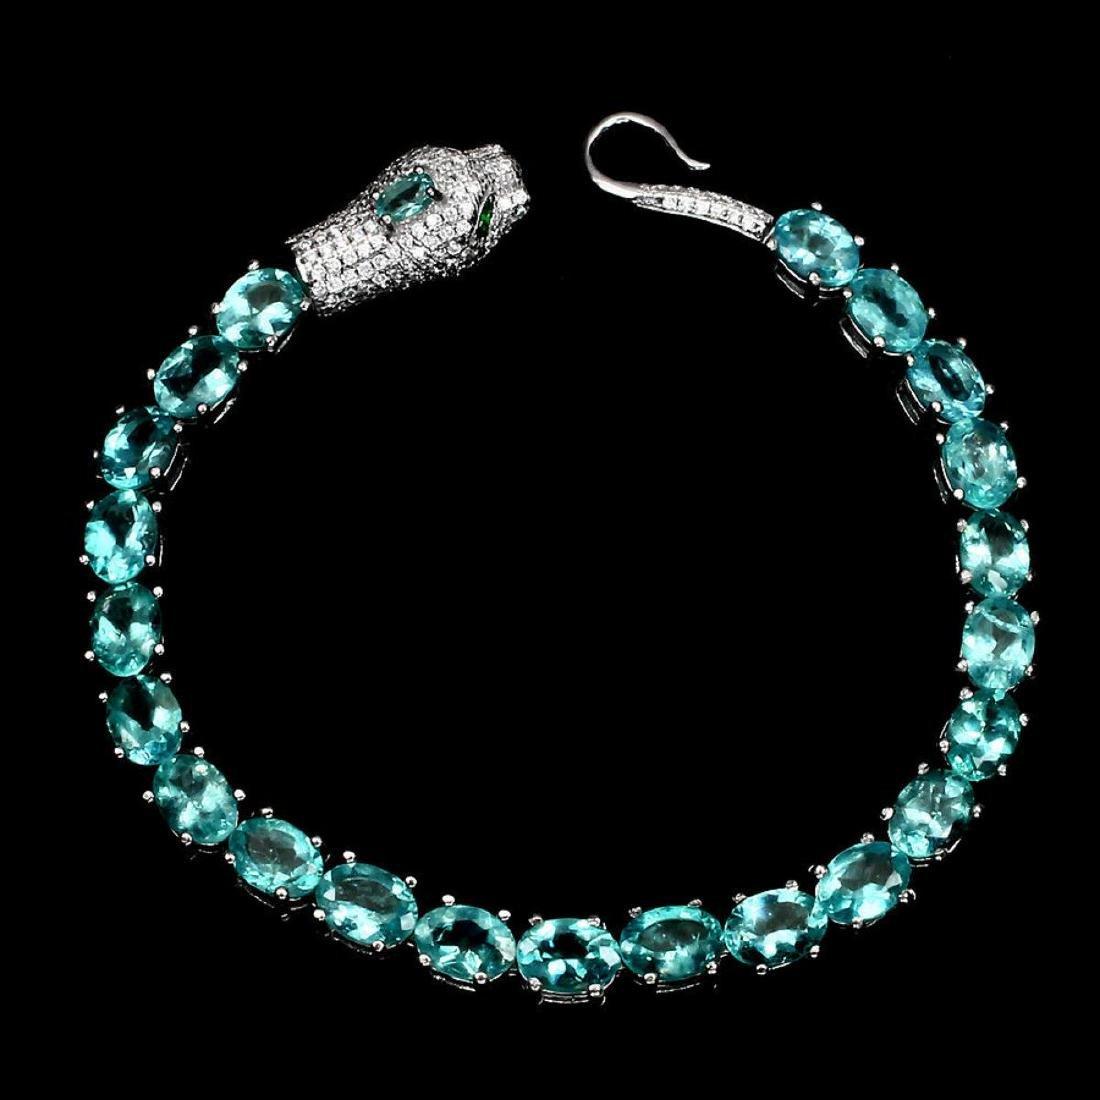 Natural  Neon Blue Apatite Bracelet - 2